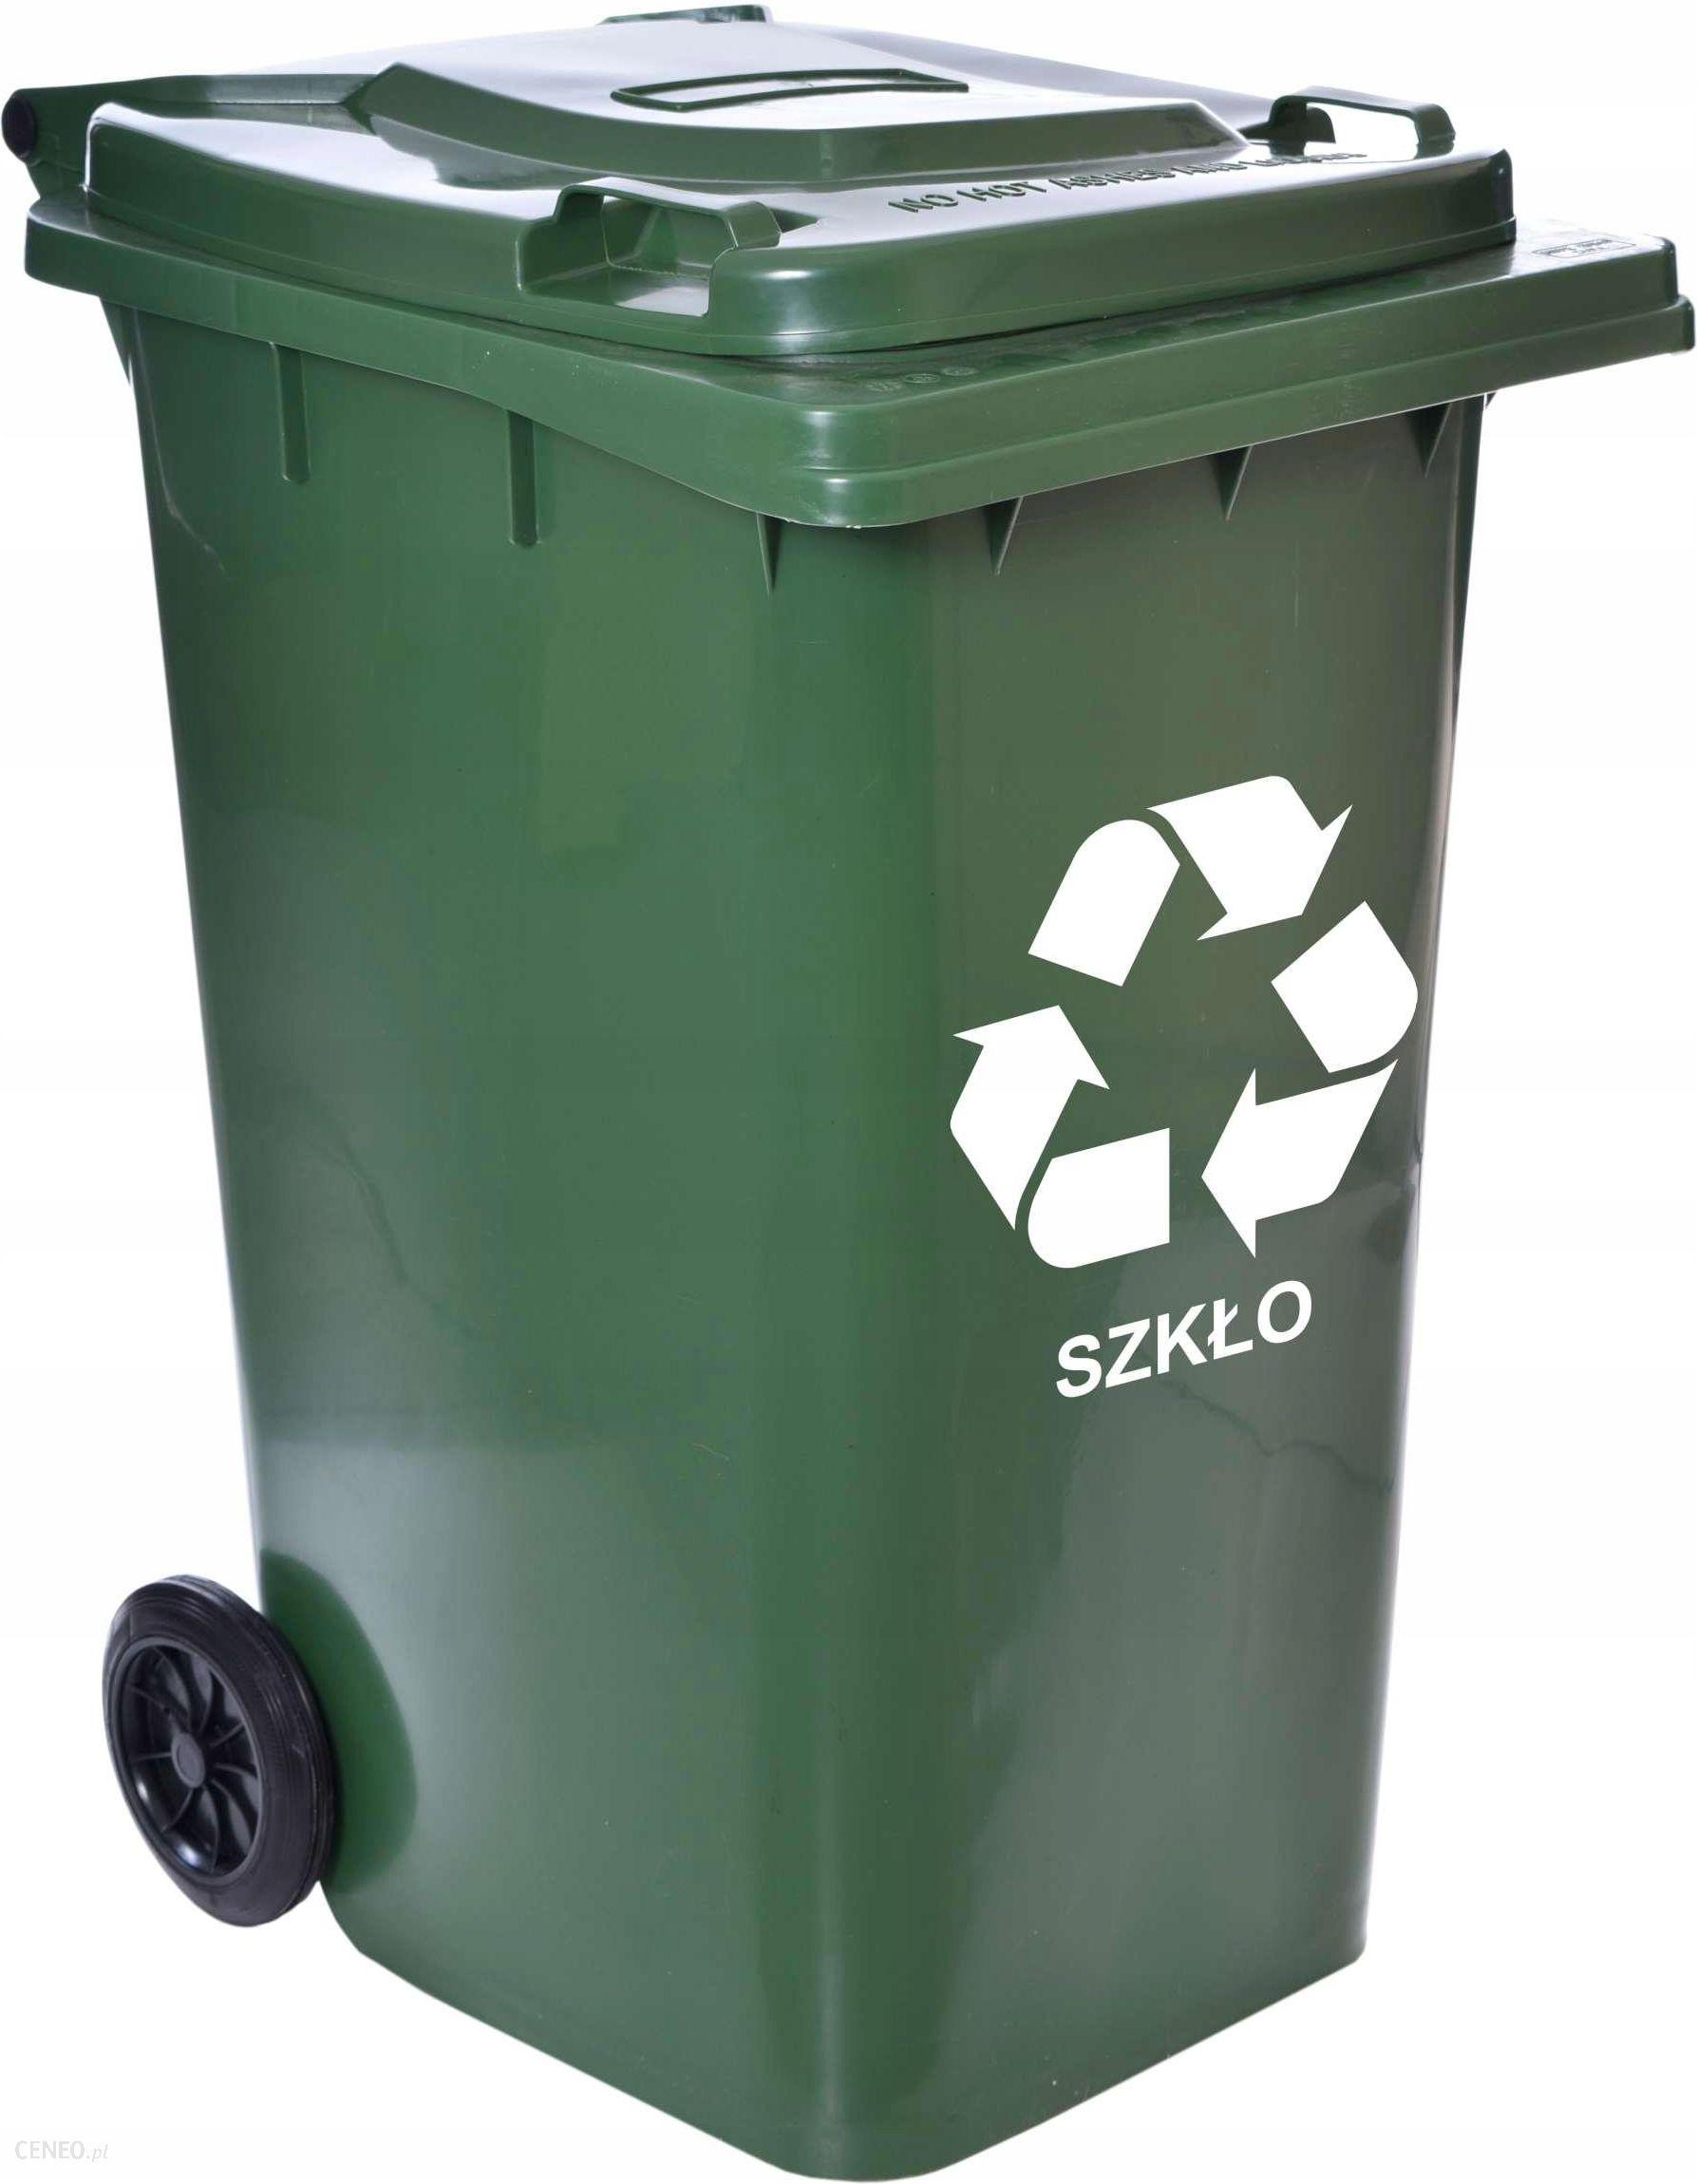 W Ultra Mirosław Gockowiak Kosz Na Śmieci Odpady 240L Zielony Pojemnik NE69